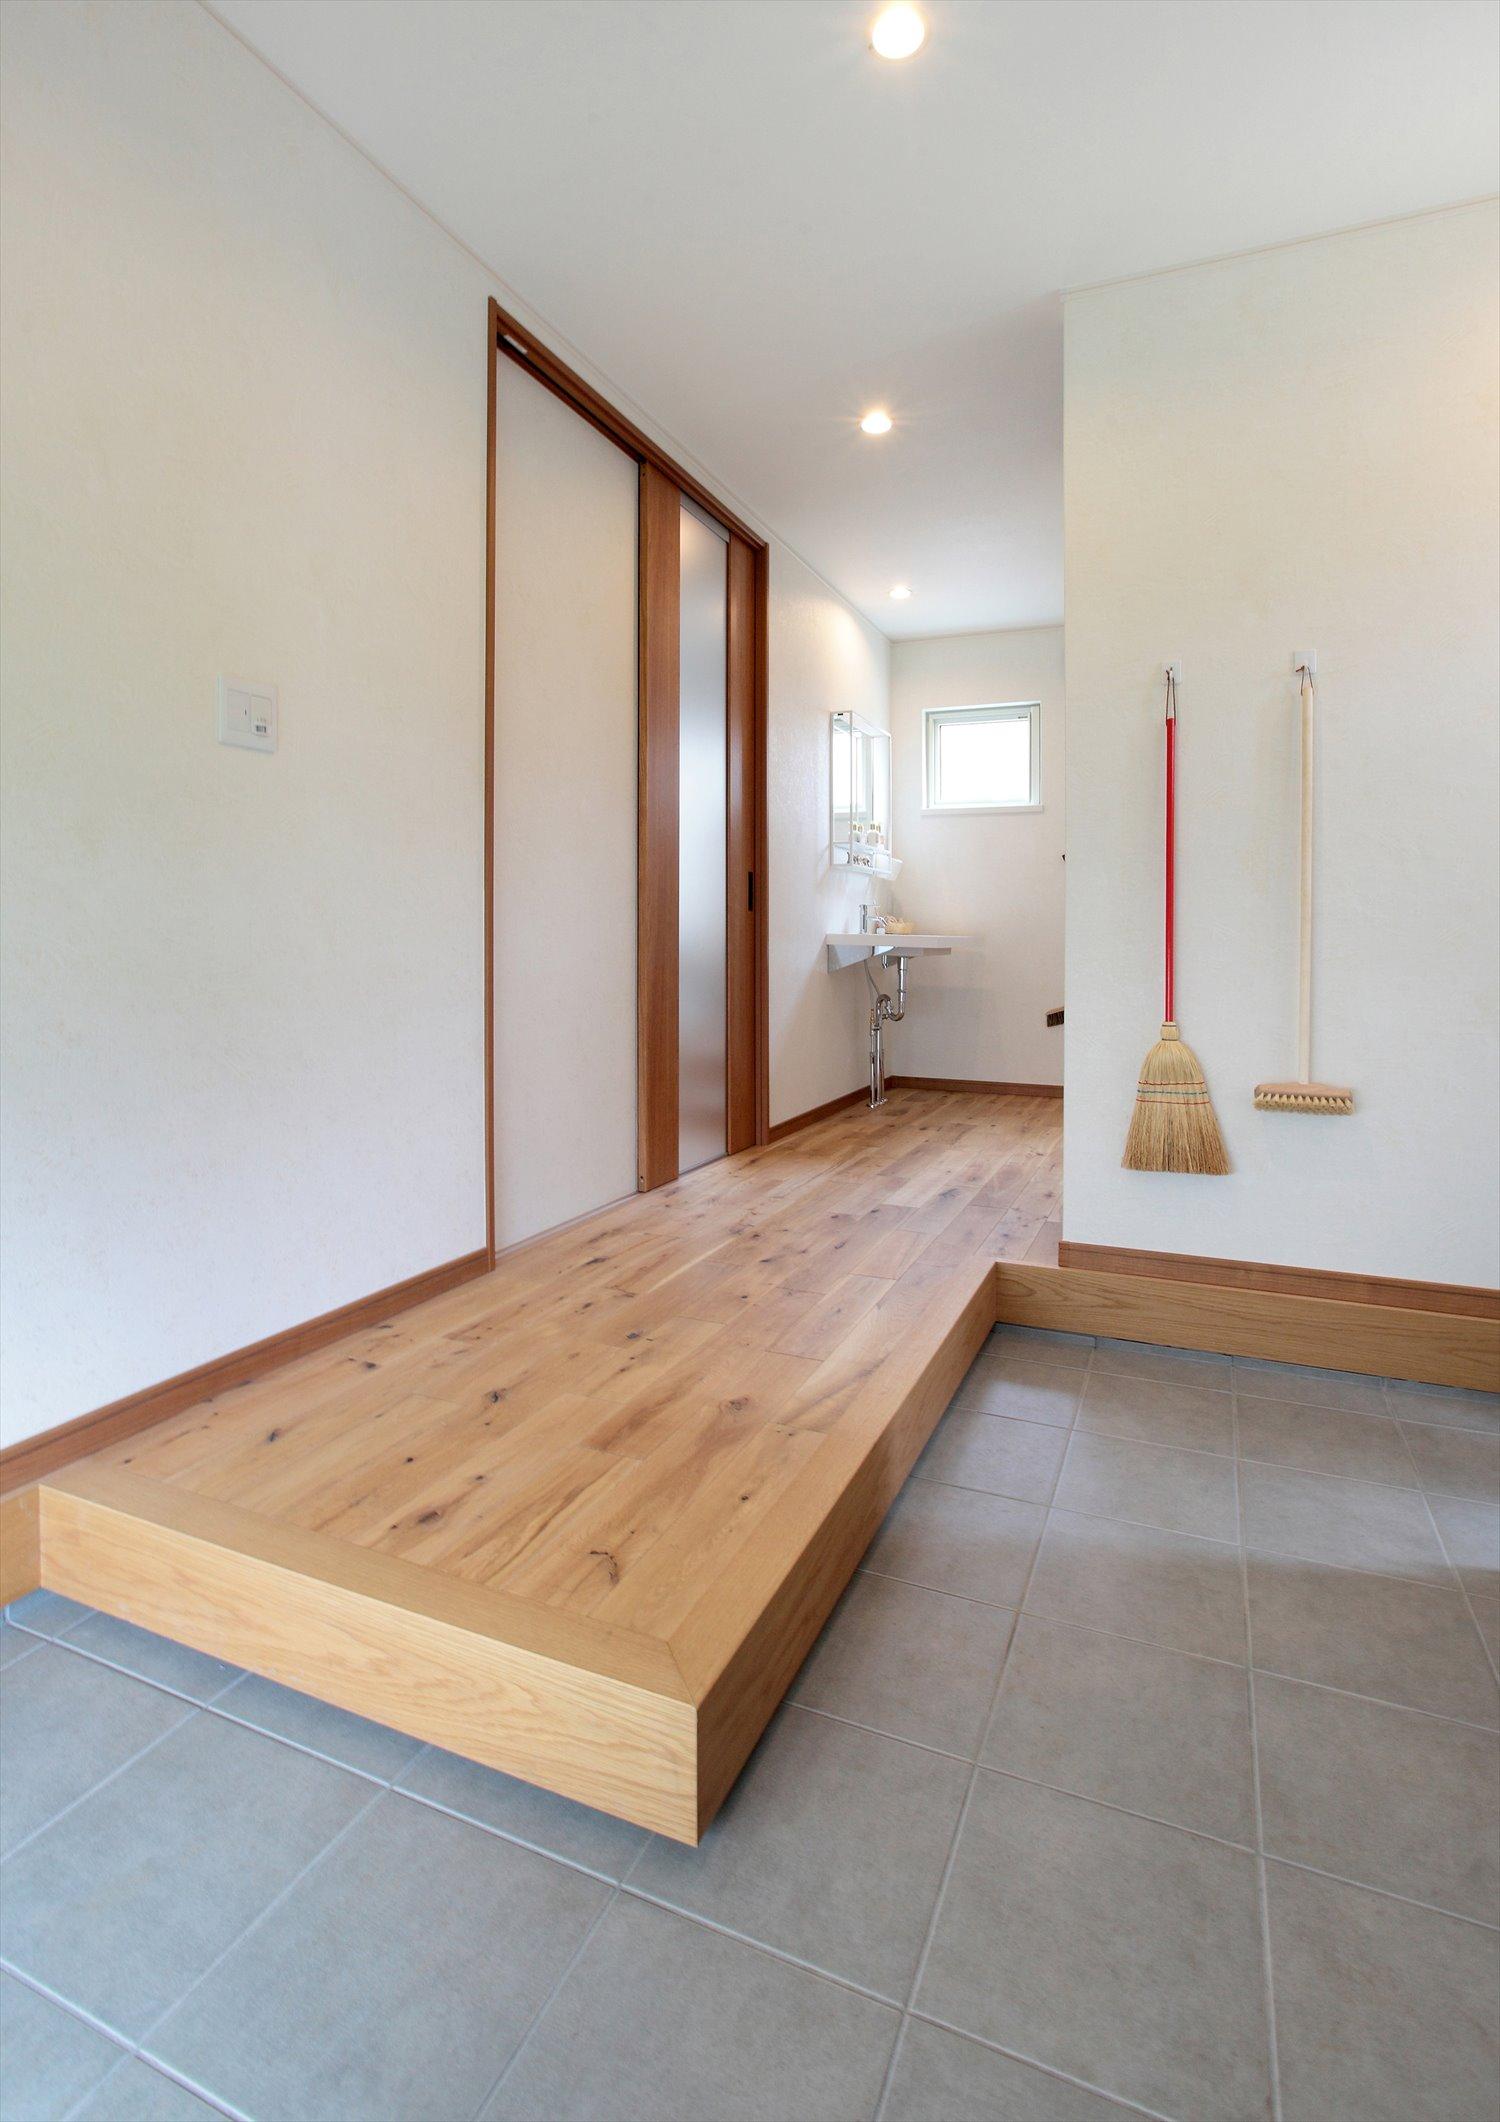 4LDKの平屋の施工事例(玄関)二世帯住宅を意識したフラットな動線